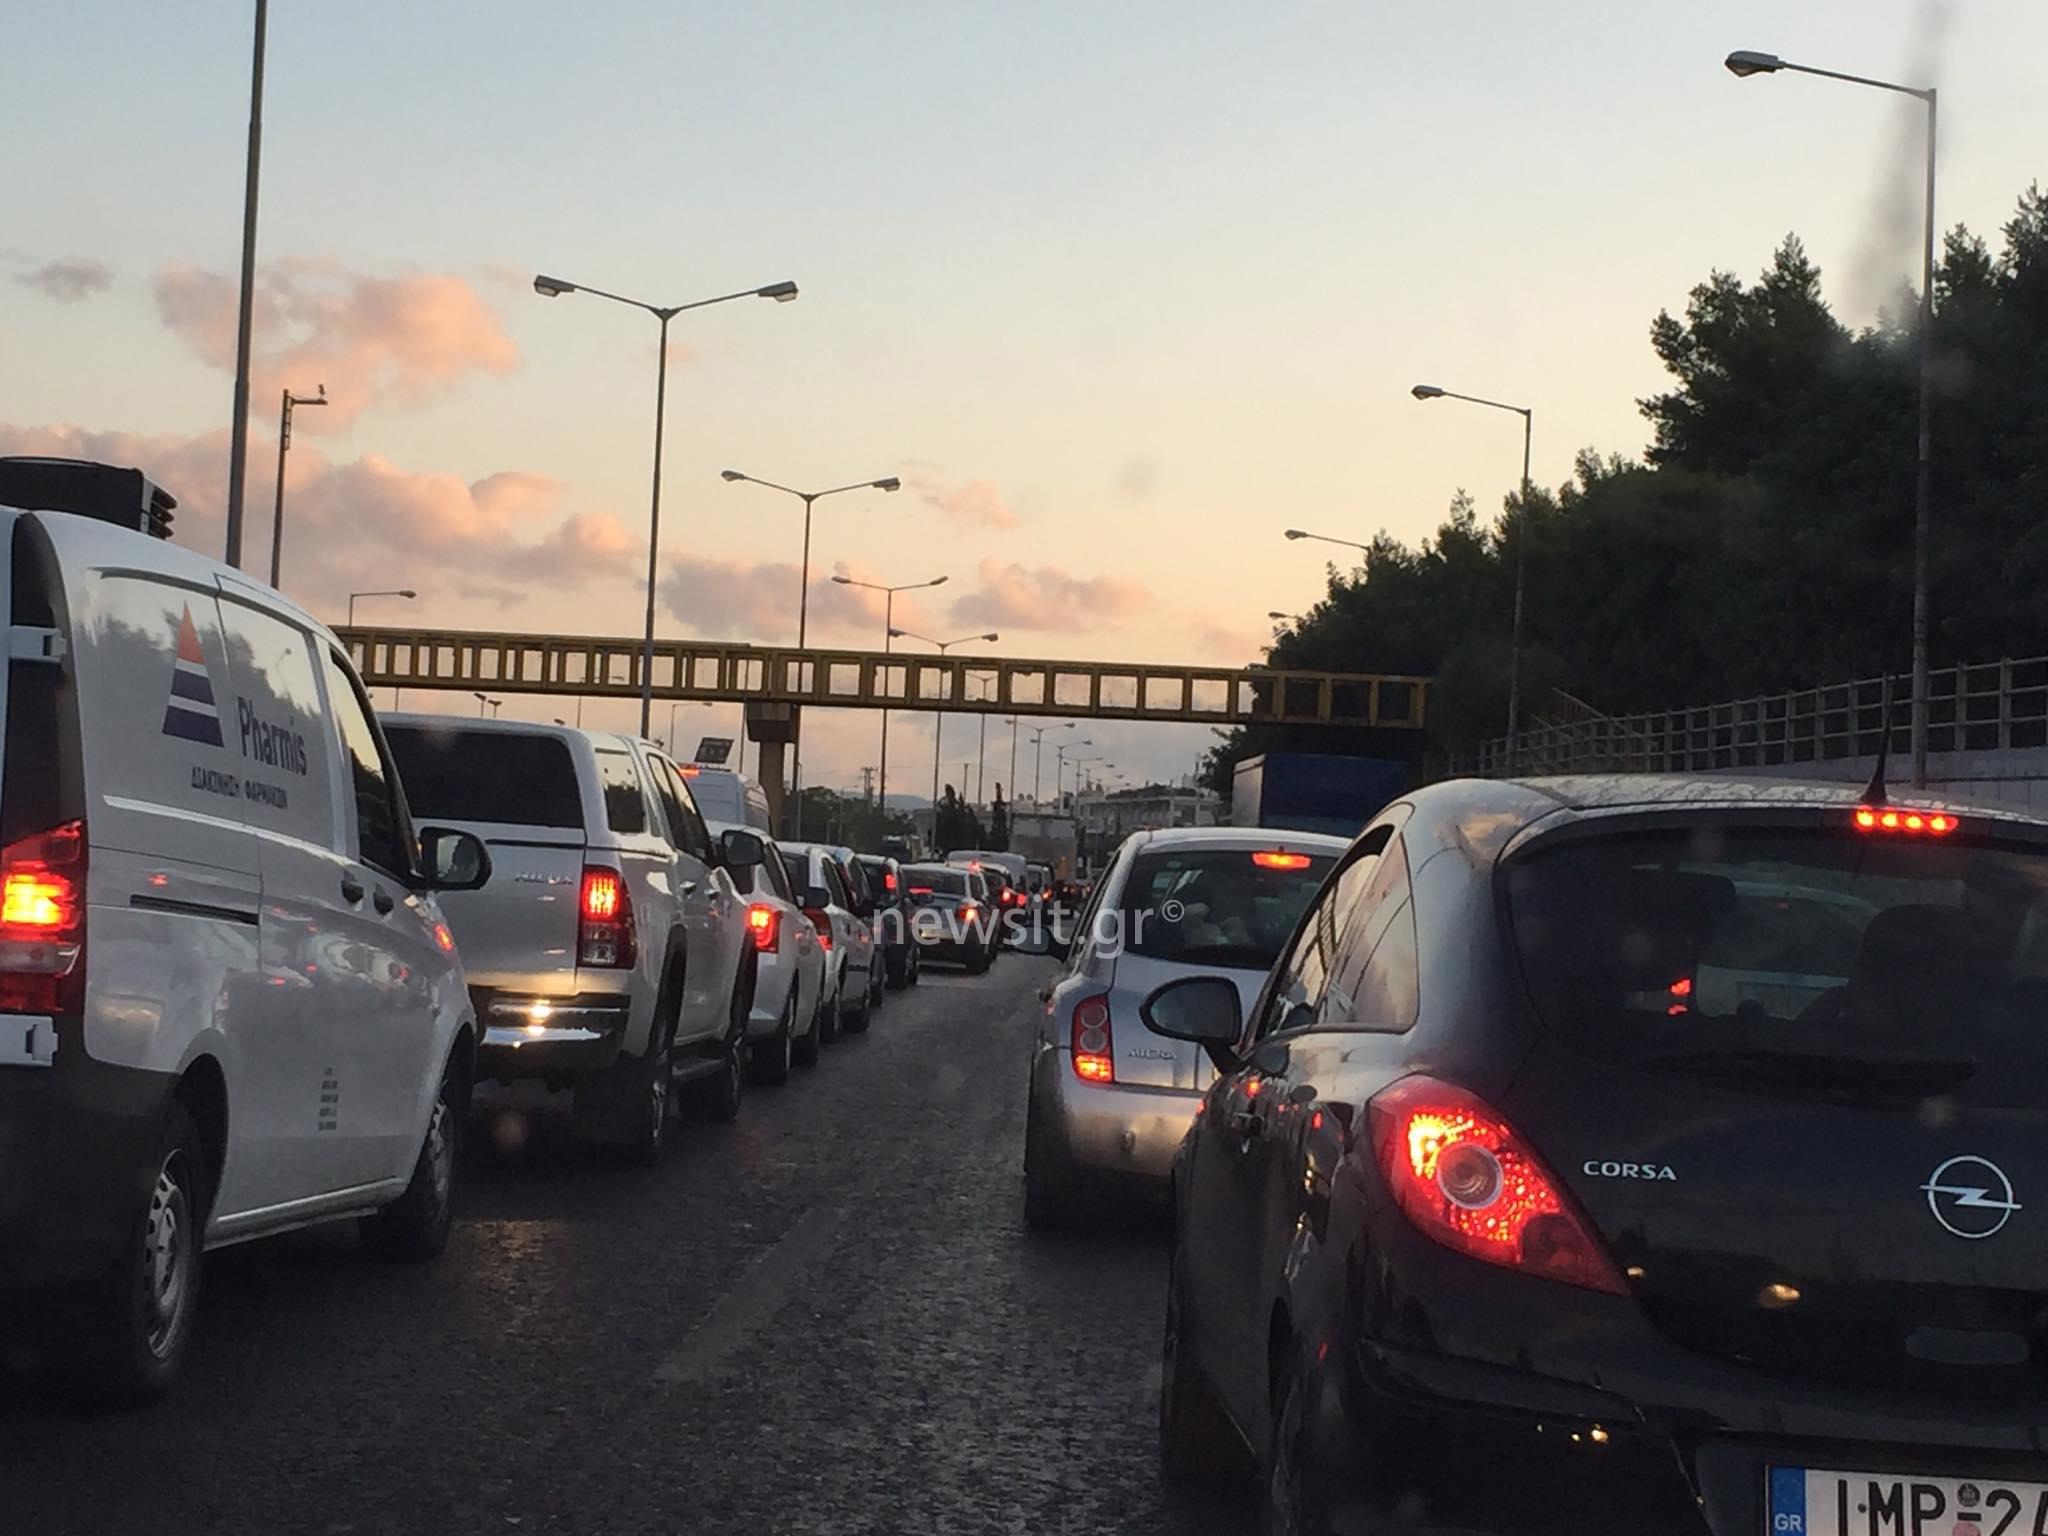 Χάος στον Κηφισό: Καραμπόλα πέντε αυτοκινήτων προκαλεί τεράστιο μποτιλιάρισμα